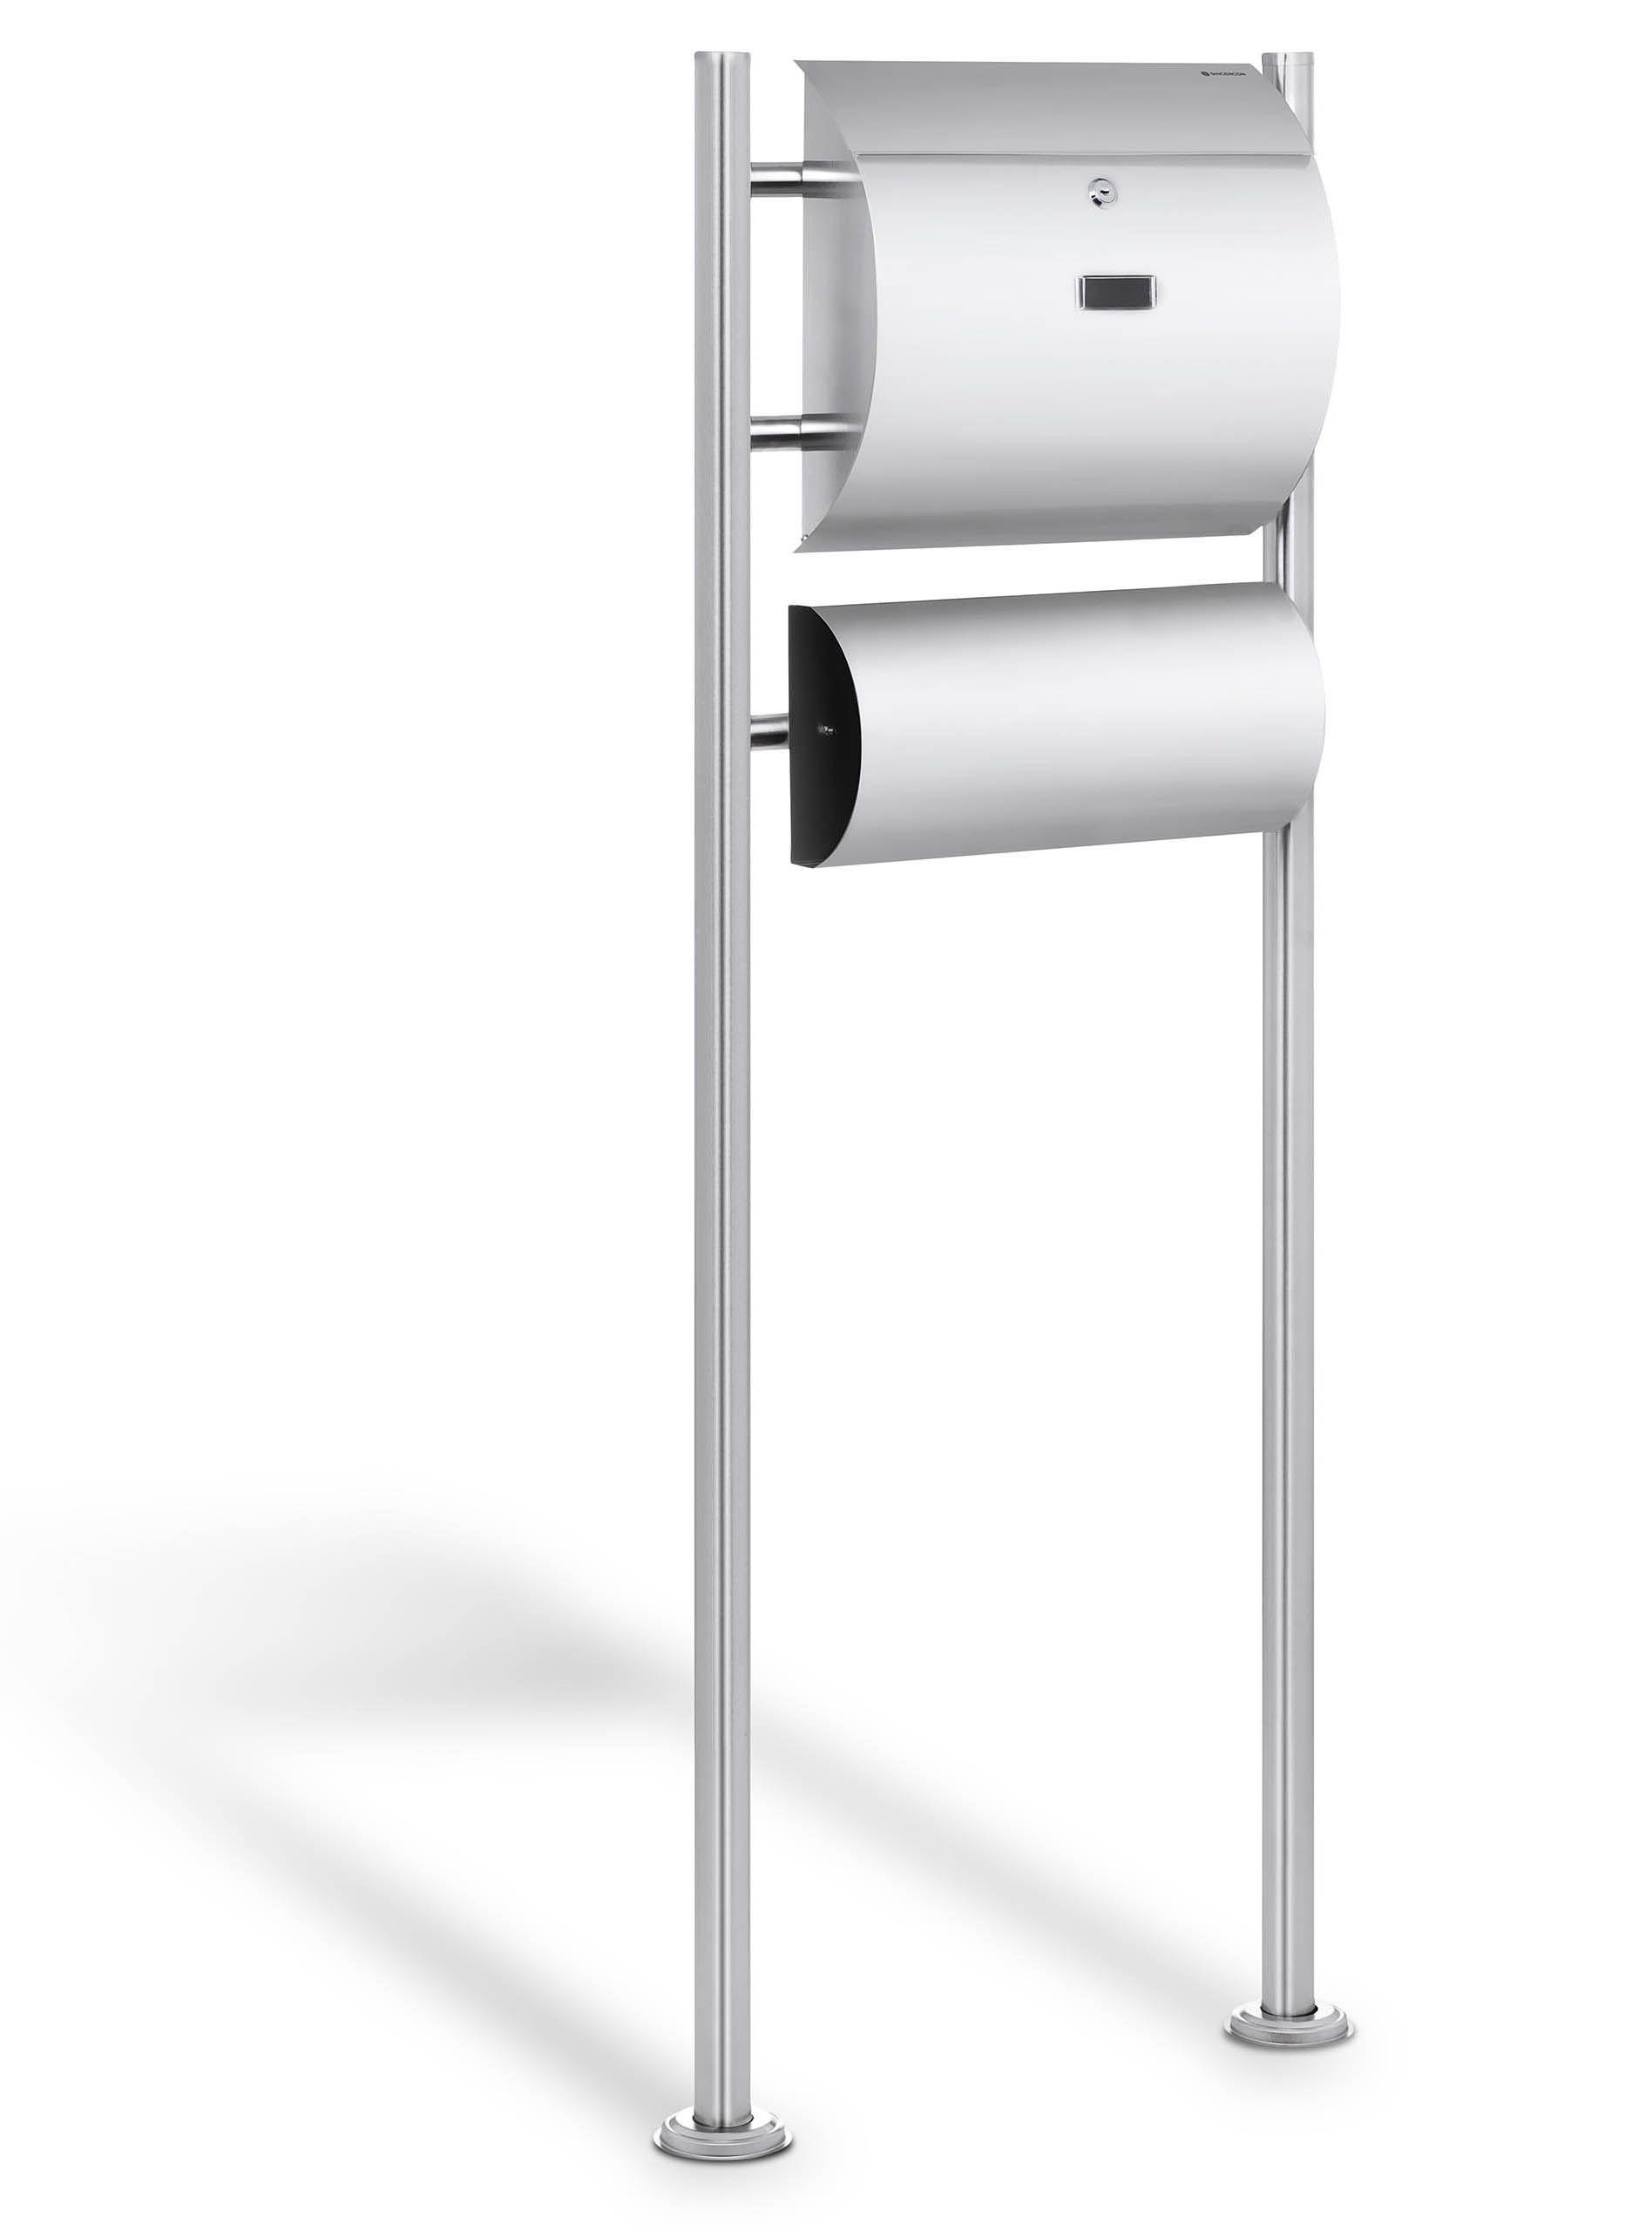 bartczak gelaender briefkasten edelstahl briefkasten mit zeitungsfach. Black Bedroom Furniture Sets. Home Design Ideas